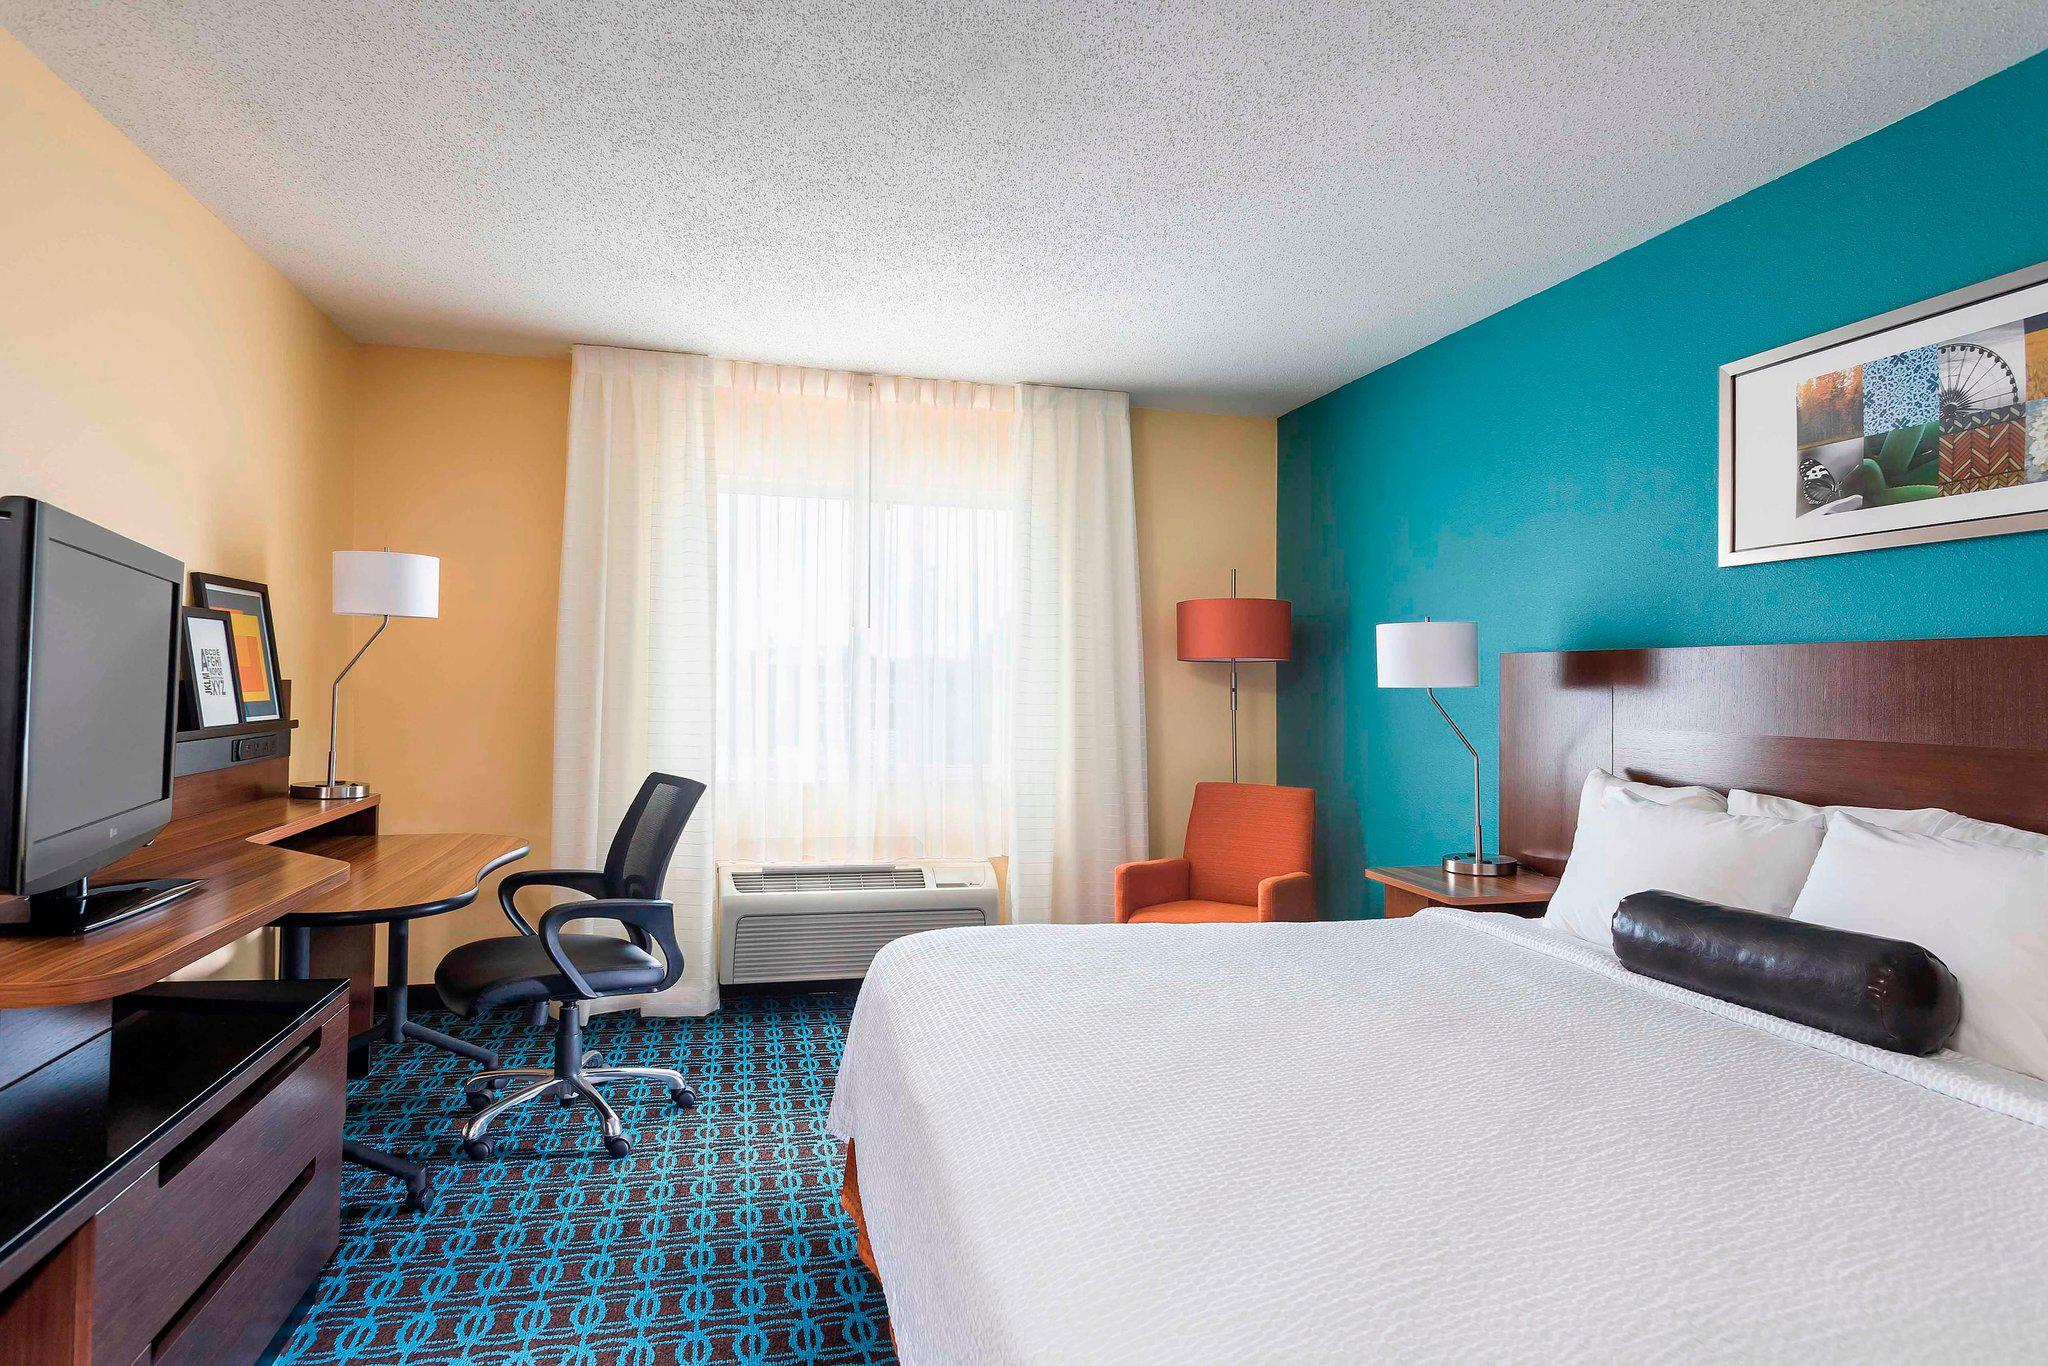 Fairfield Inn & Suites by Marriott Holland